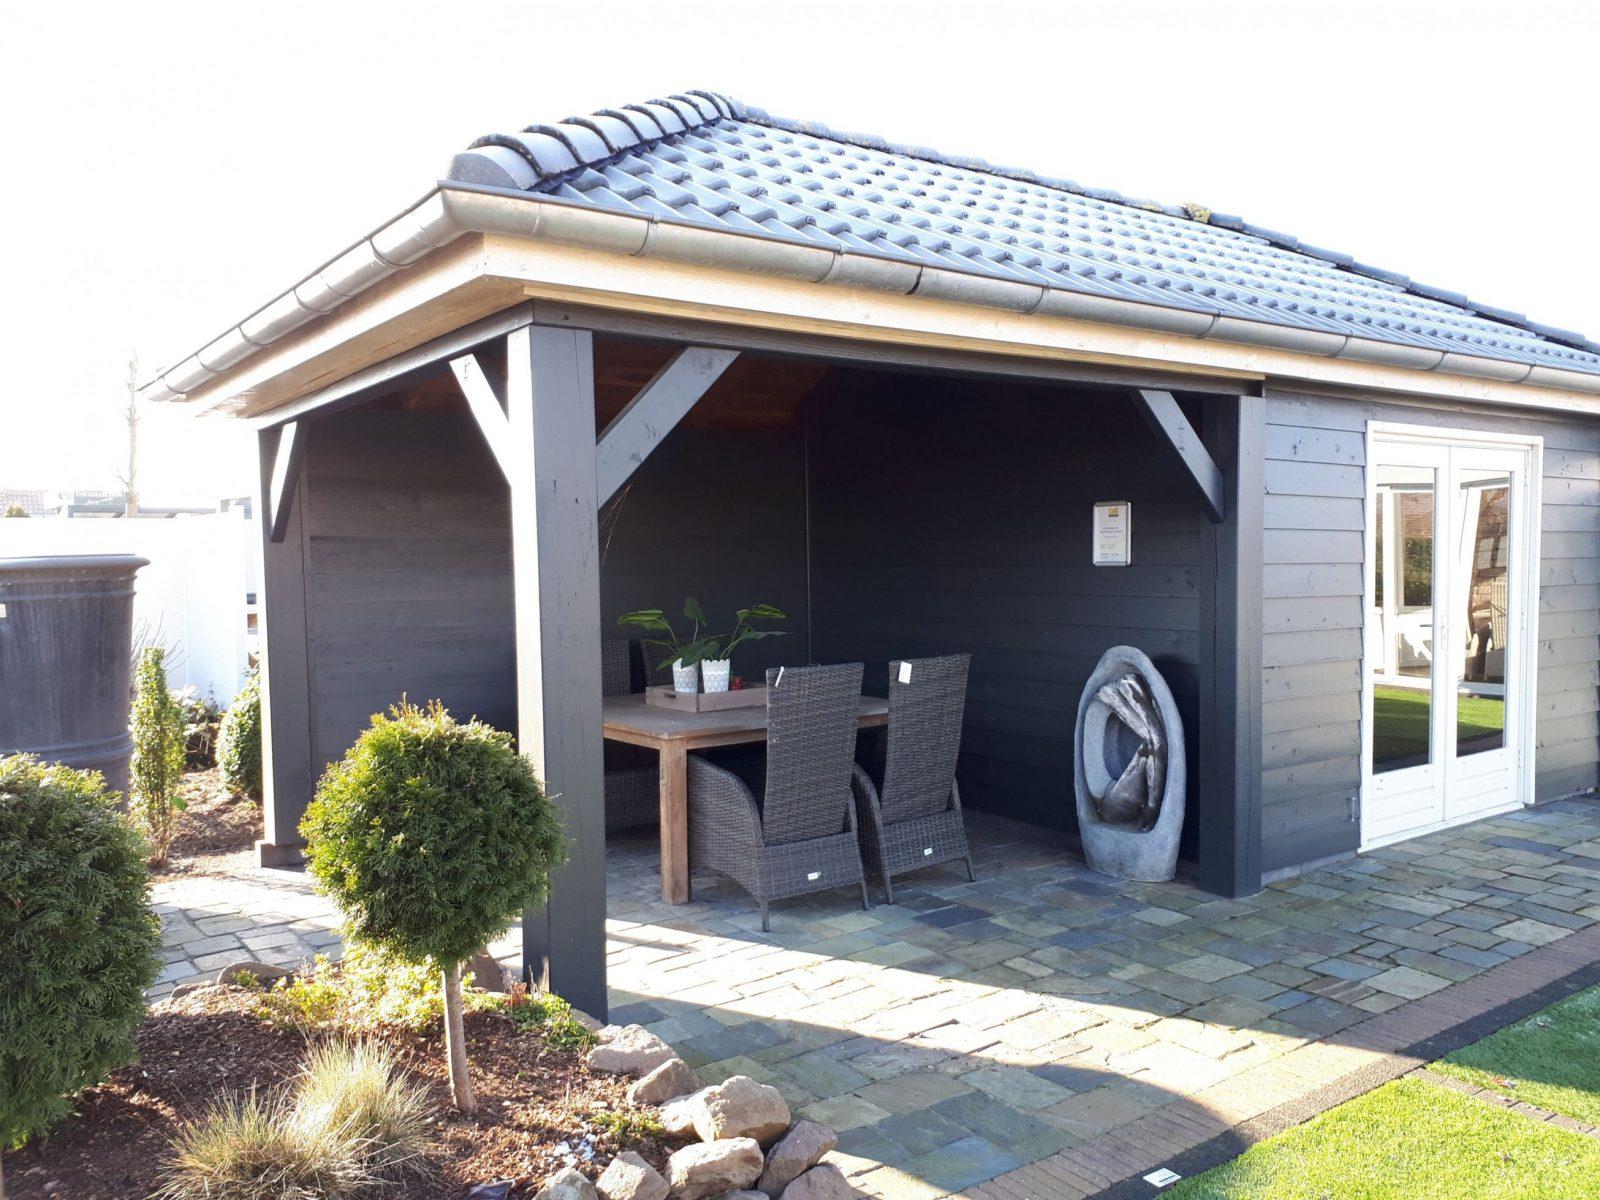 Exklusives Und Modernes Gartenhaus Mit Überdachung Mit von Moderne Gartenhäuser Aus Holz Bild